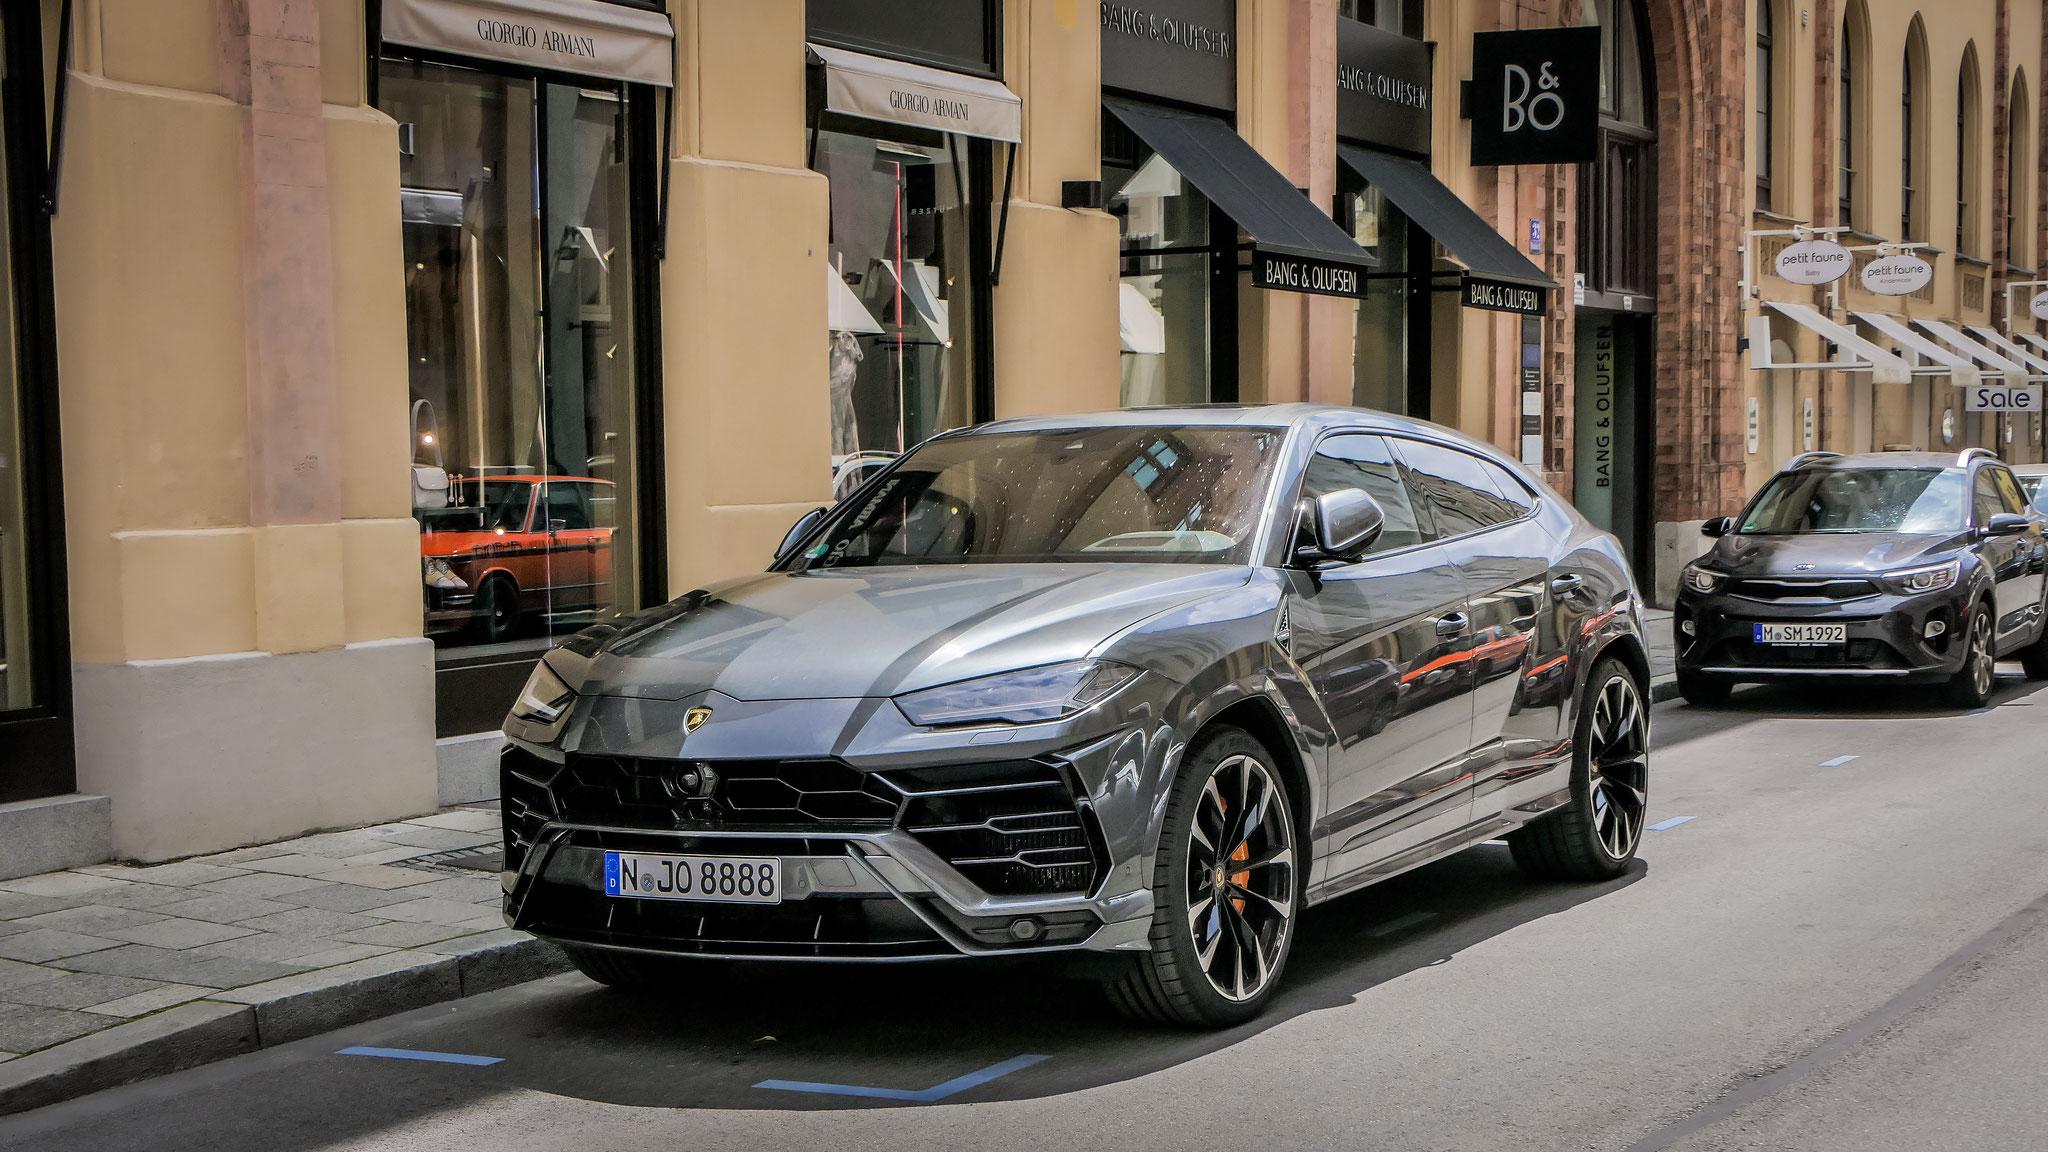 Lamborghini Urus - N-JO-8888